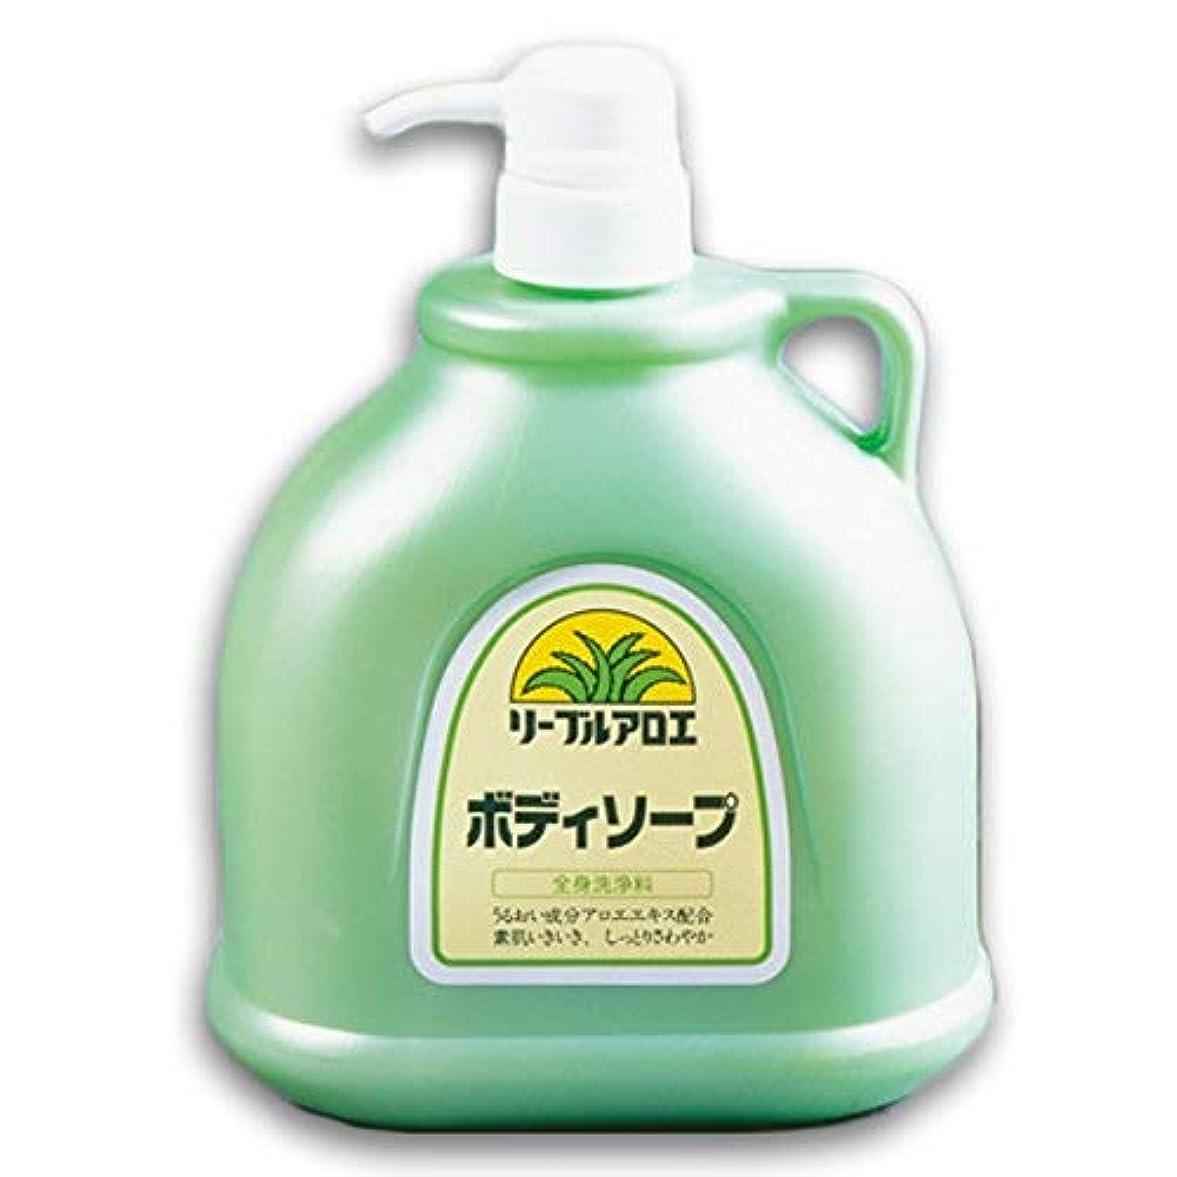 しっとり動的エンドウ全身洗浄料リーブルアロエボディーソープ